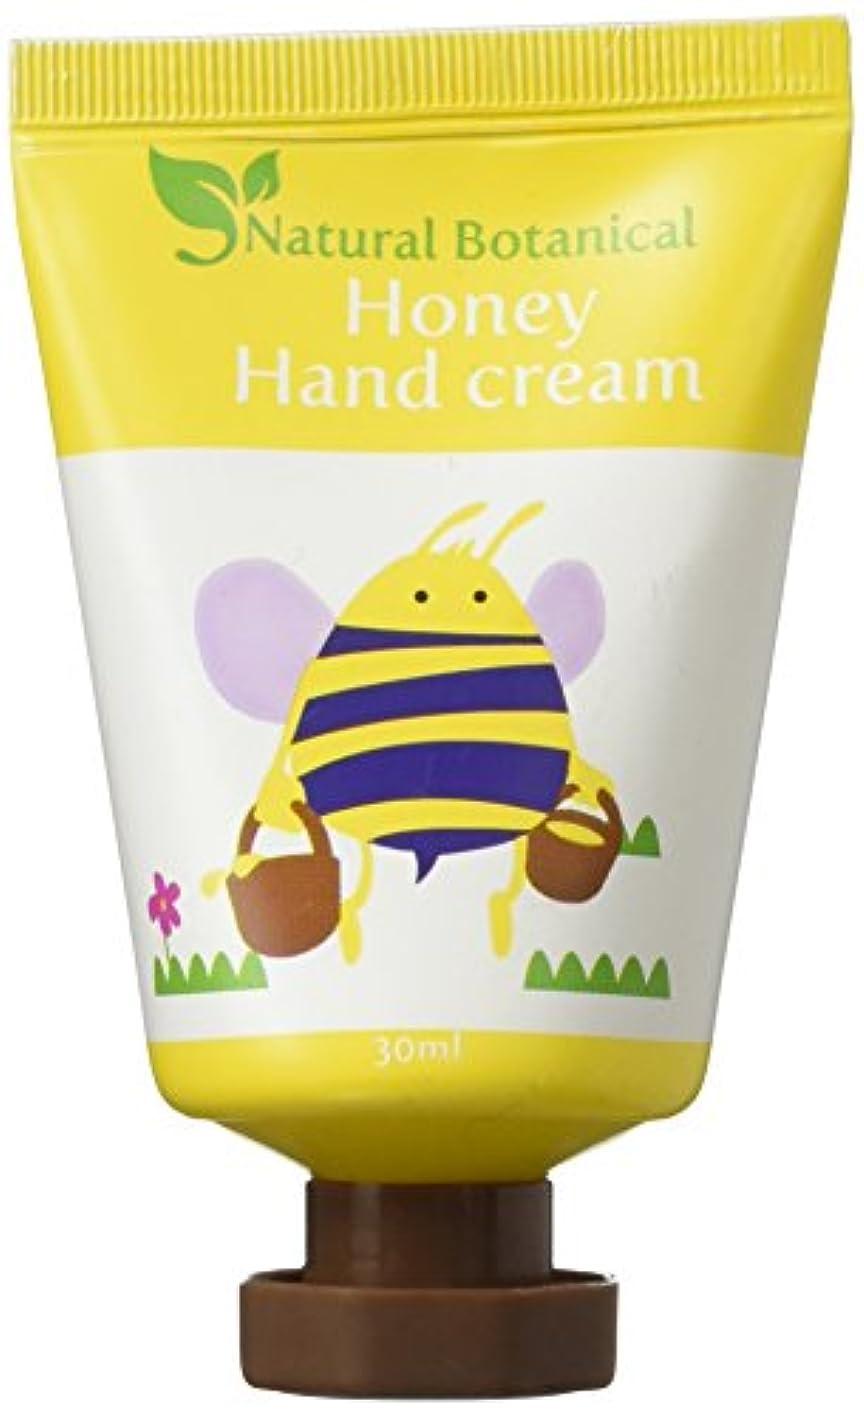 バット署名驚いたことにボタニカルハンドクリームミツバチ